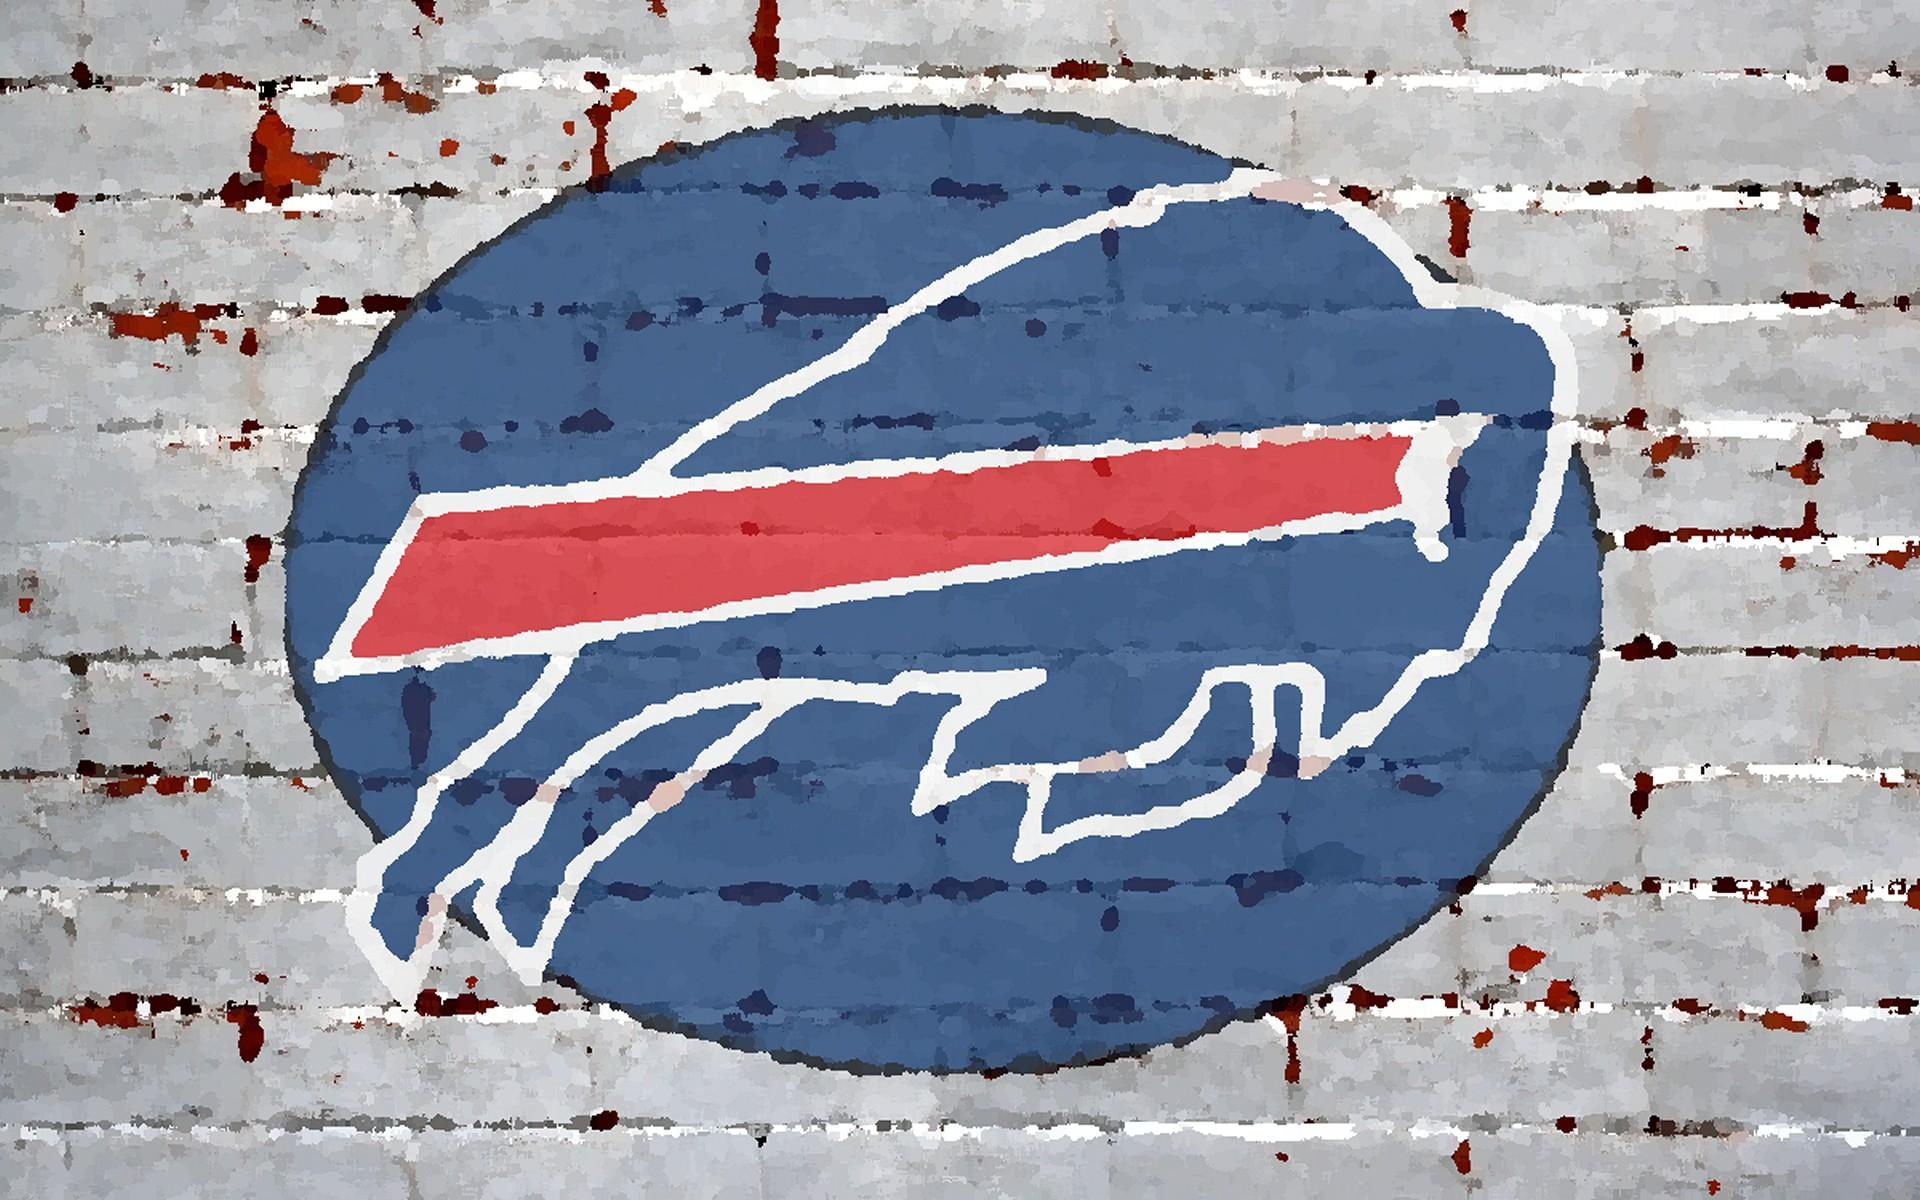 latest brick wallpaper painted logo buffalo bills 1920x1200